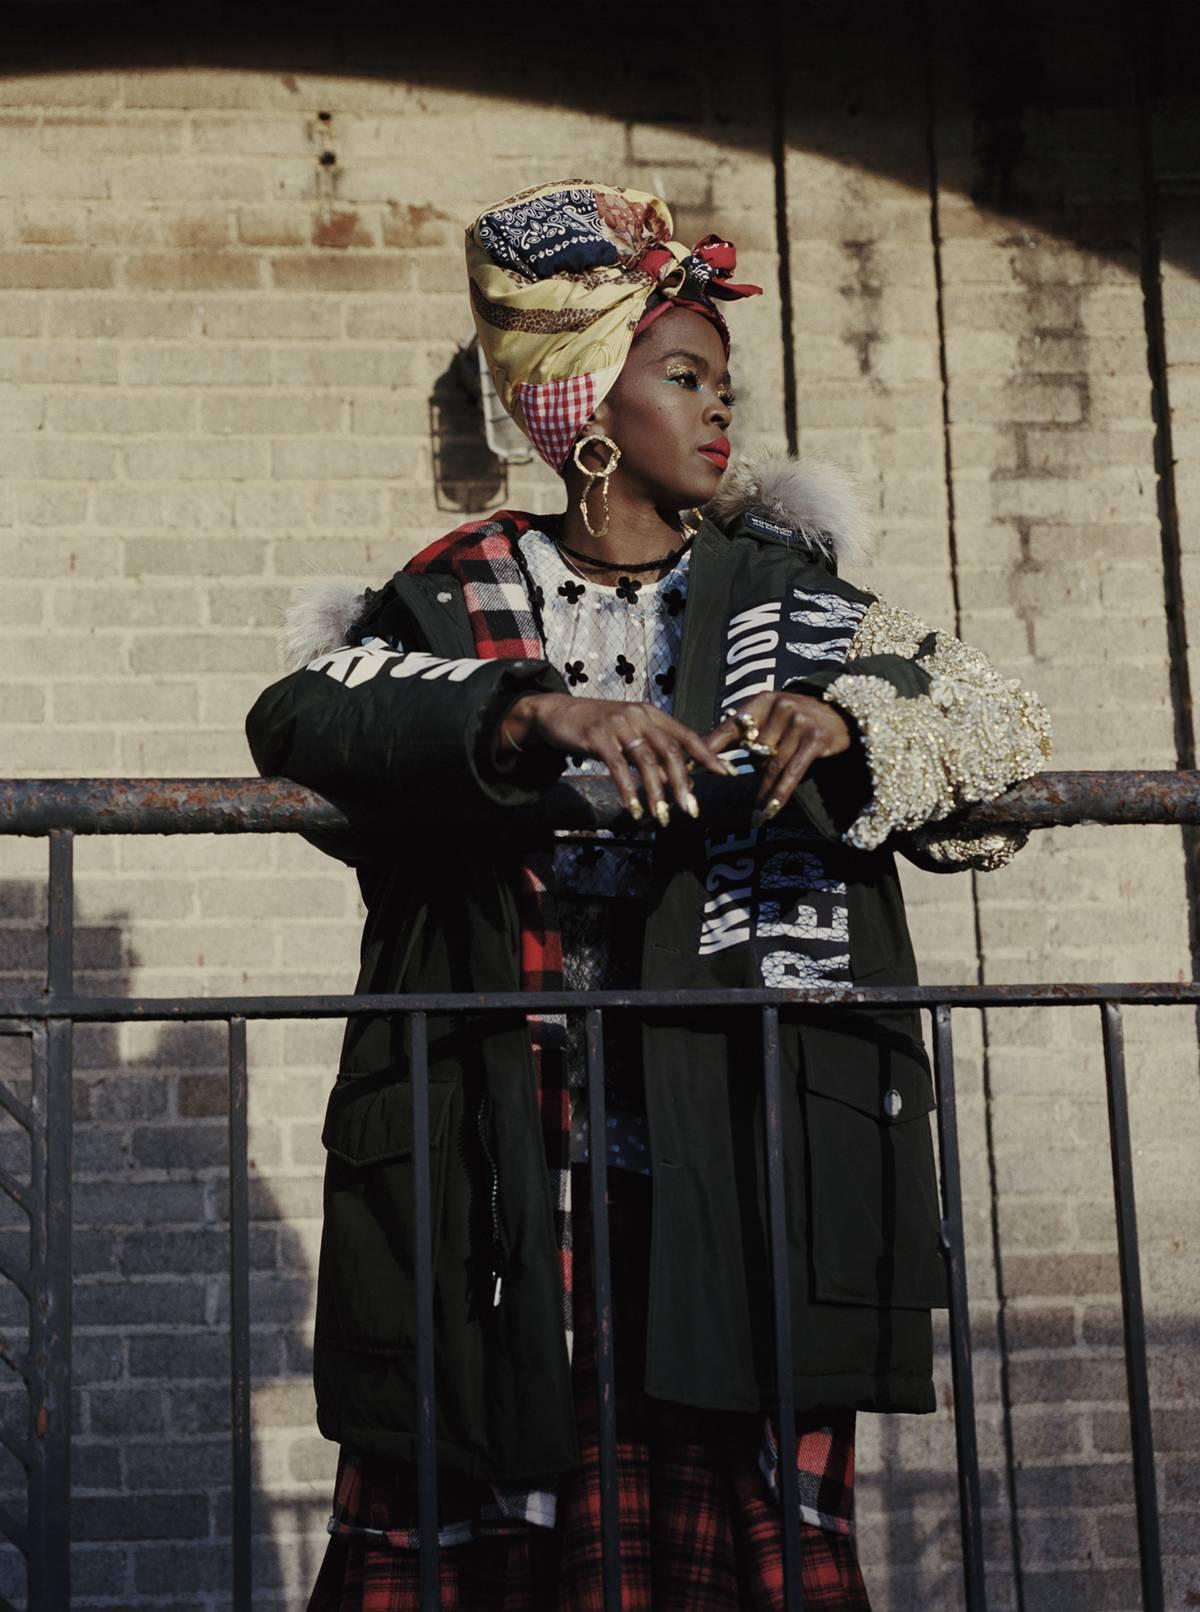 Fauna Otoño 2019: La mala educación de Ms. Lauryn Hill cumple 20 años